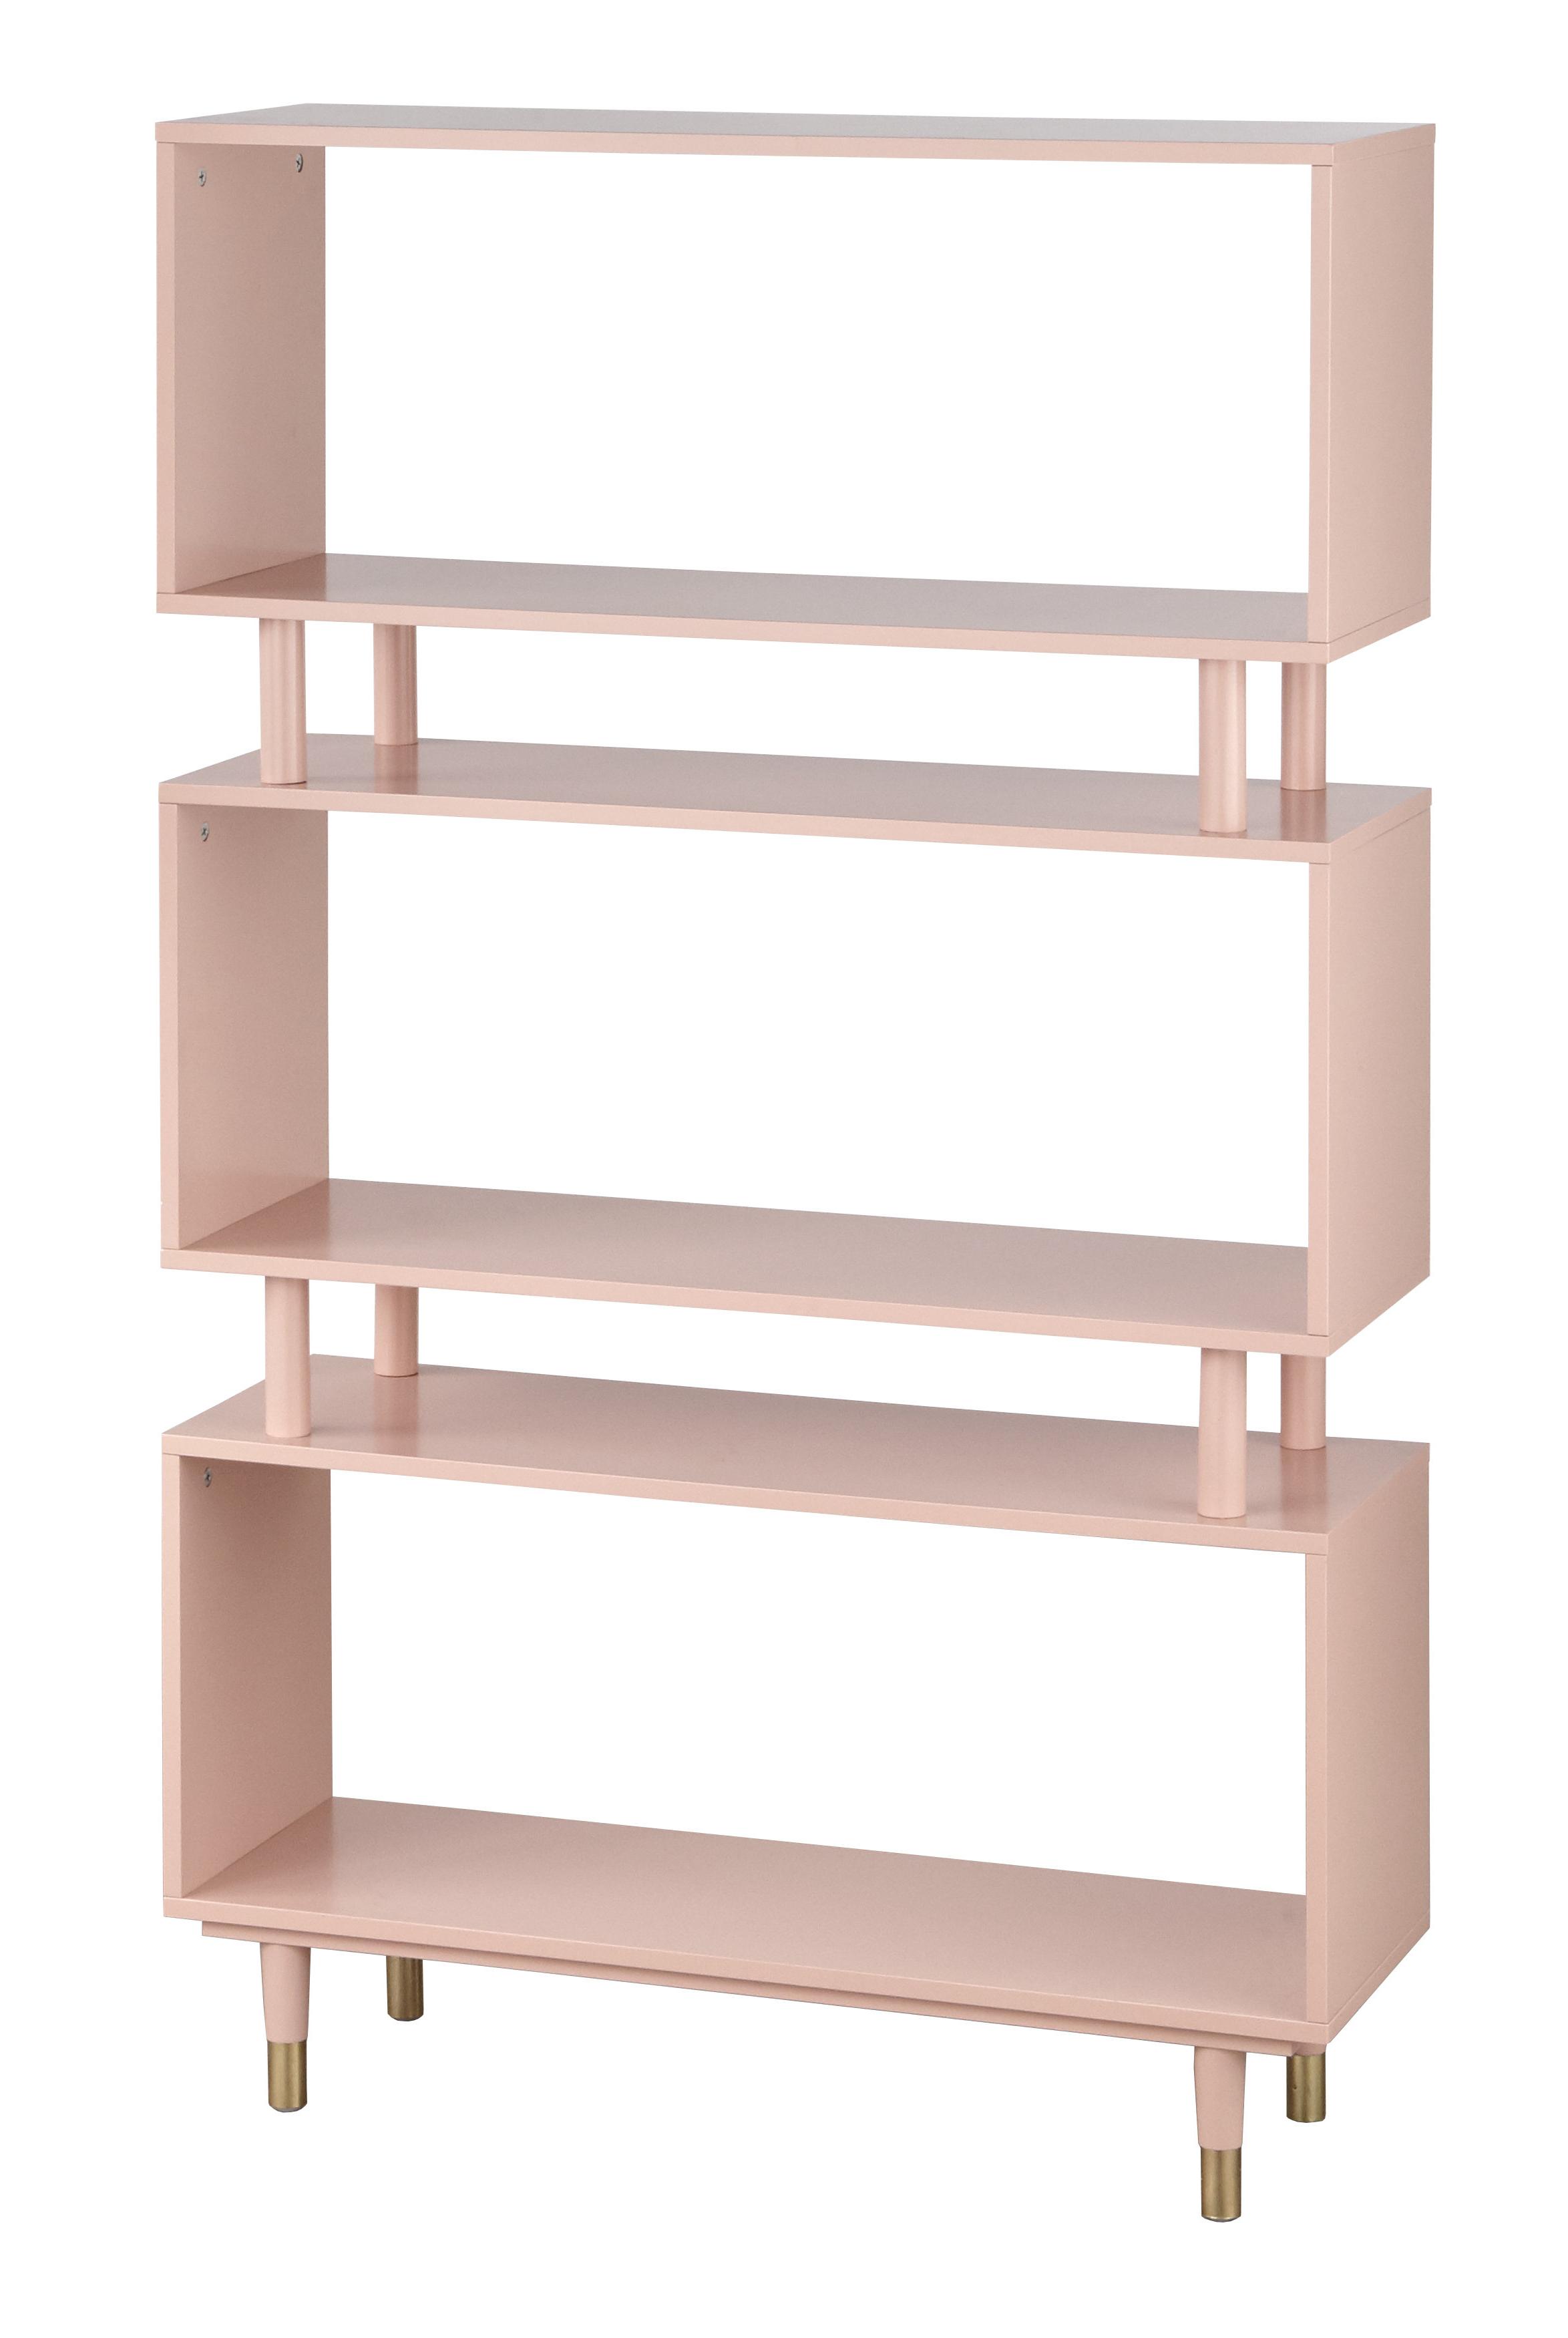 Crowley Standard Bookcase Regarding 2020 Crowley Standard Bookcases (Gallery 2 of 20)